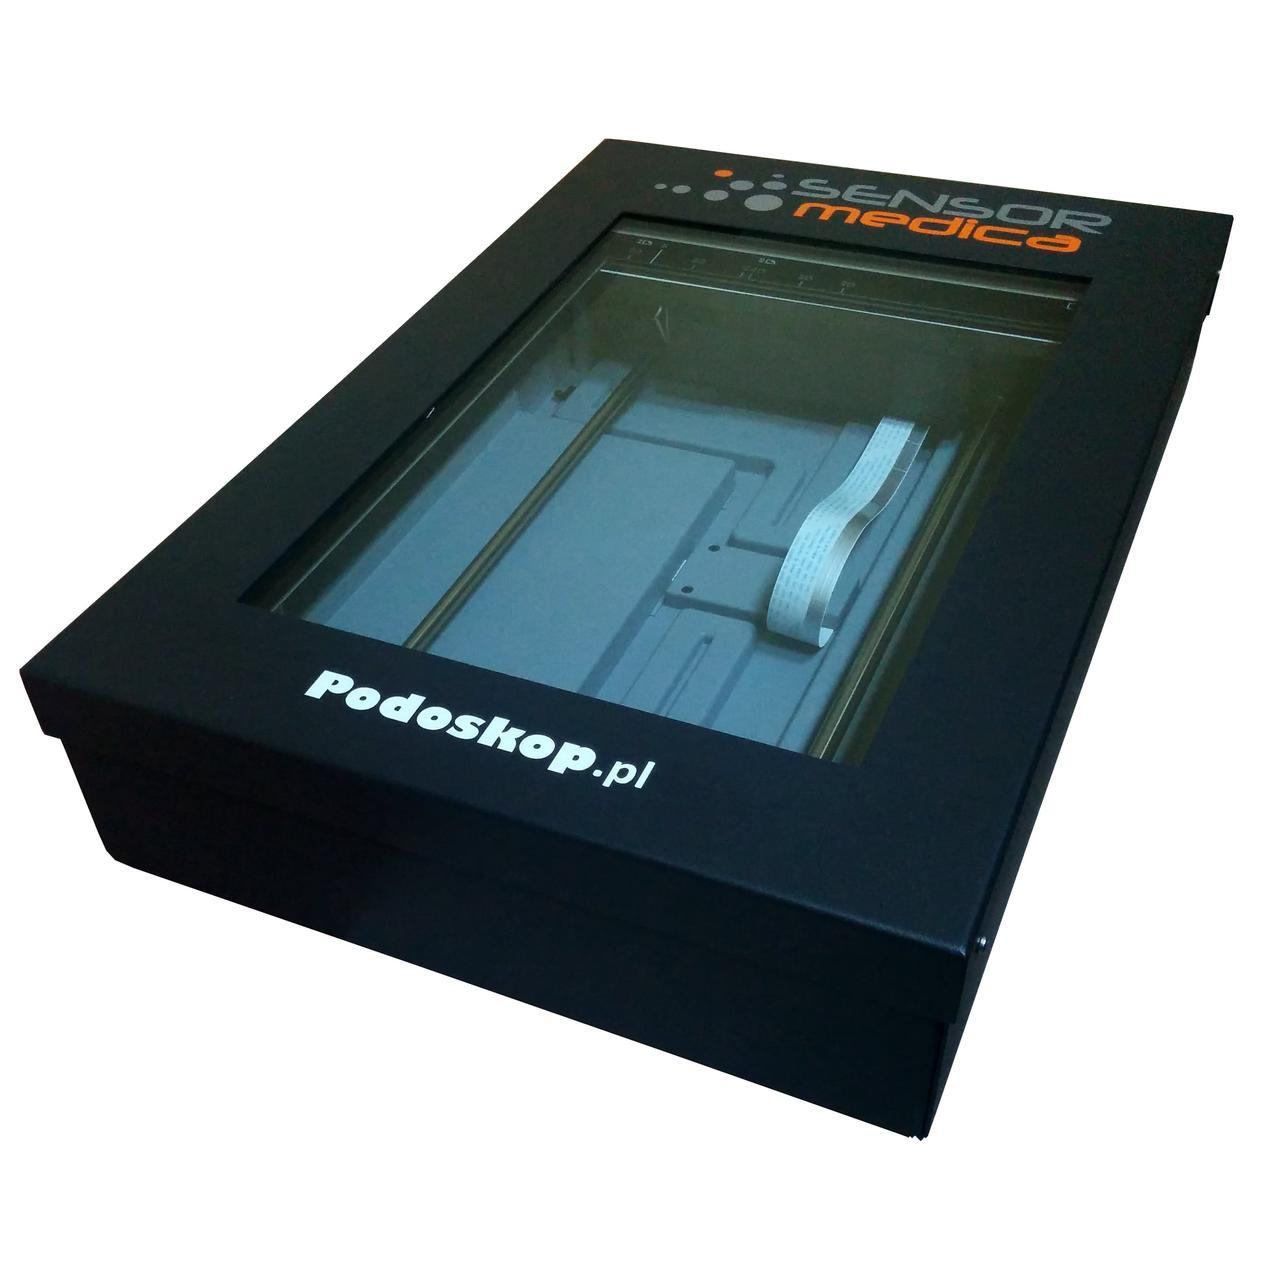 Подосканер для диагностики стоп 2D FootCAD + программное обеспечение FreeStep BASIC, фото 1